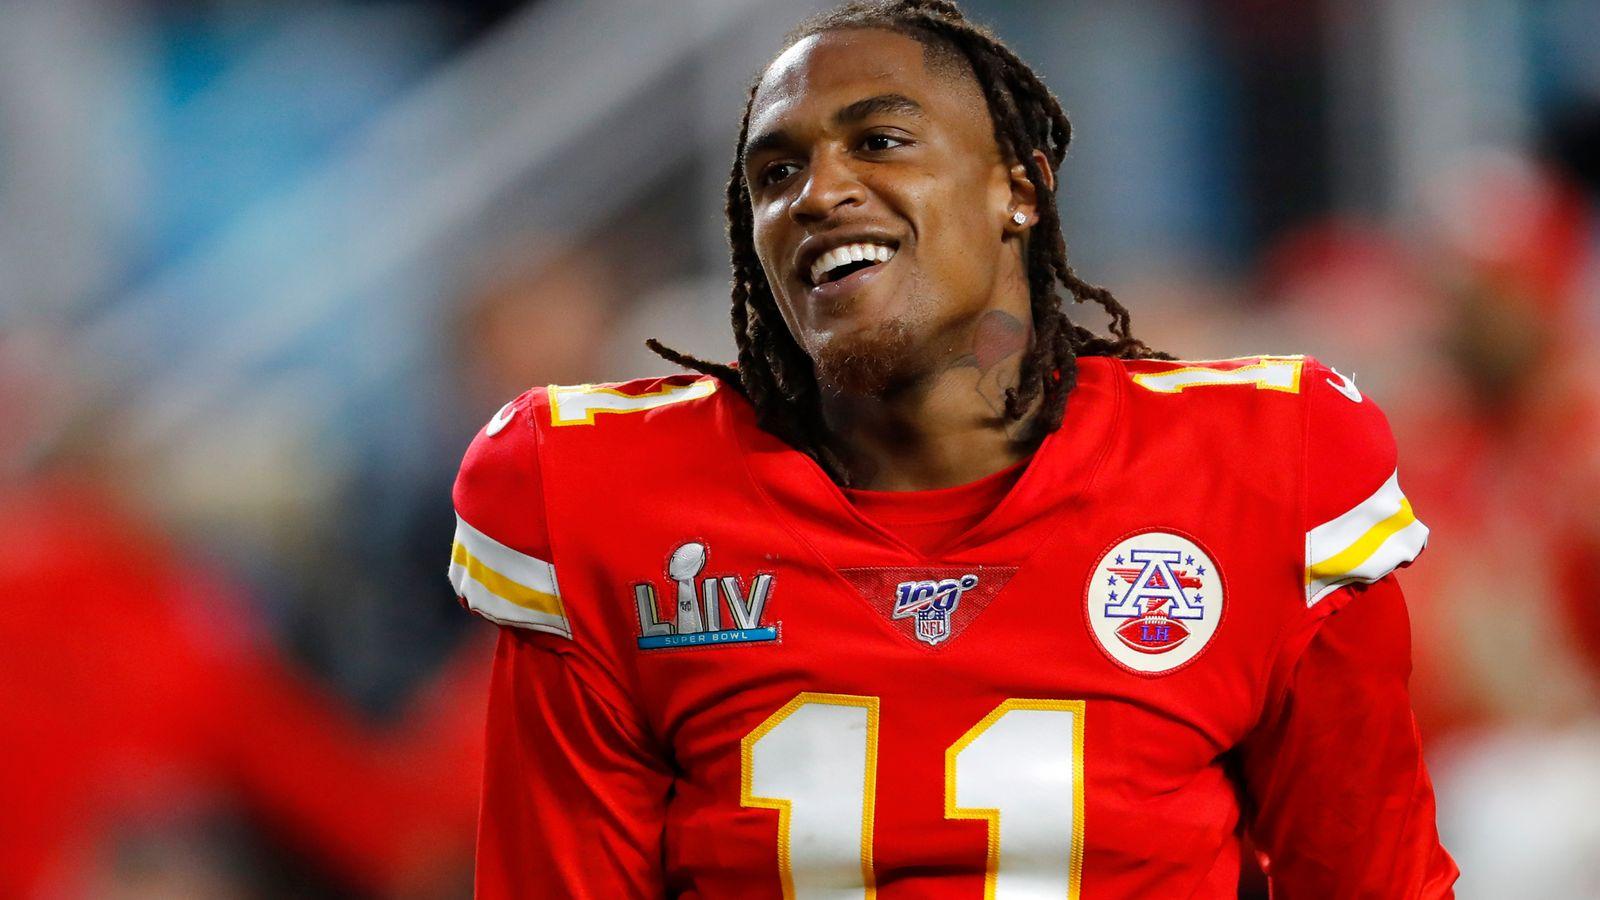 Demarcus Robinson de los Jefes de Kansas City extiende contrato, según informes | Noticias de la NFL 15